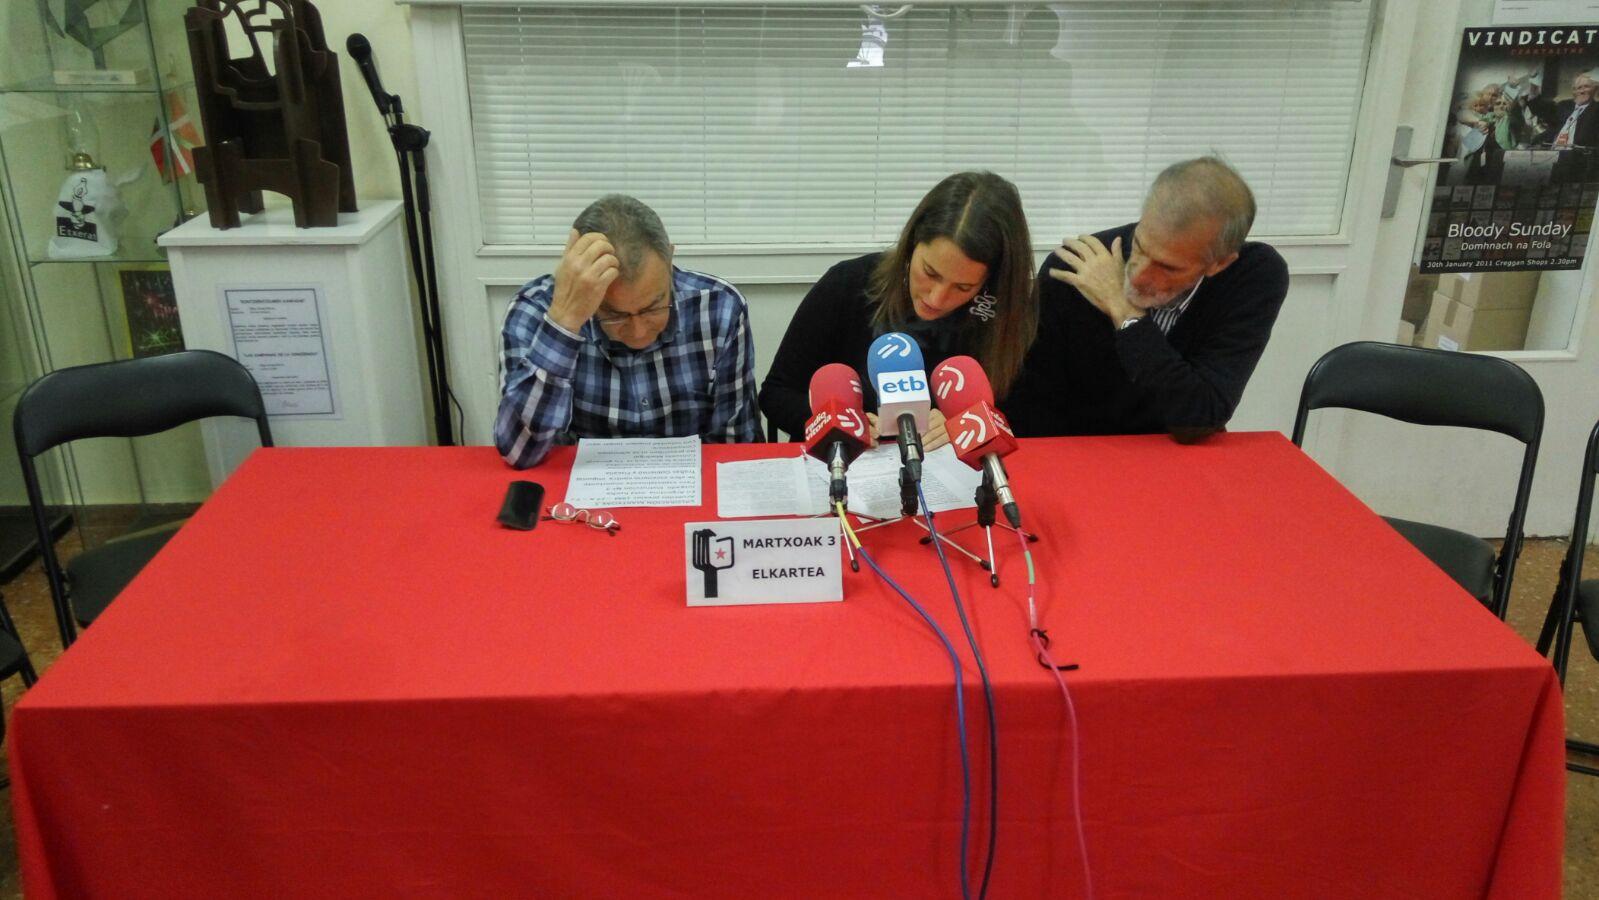 """Nerea Martínez (Martxoak 3 elkartea): """"Batzuk hasieratik egon dira; beste batzuk berandu. Orain denak batera inpunitatearekin amaitzera"""""""